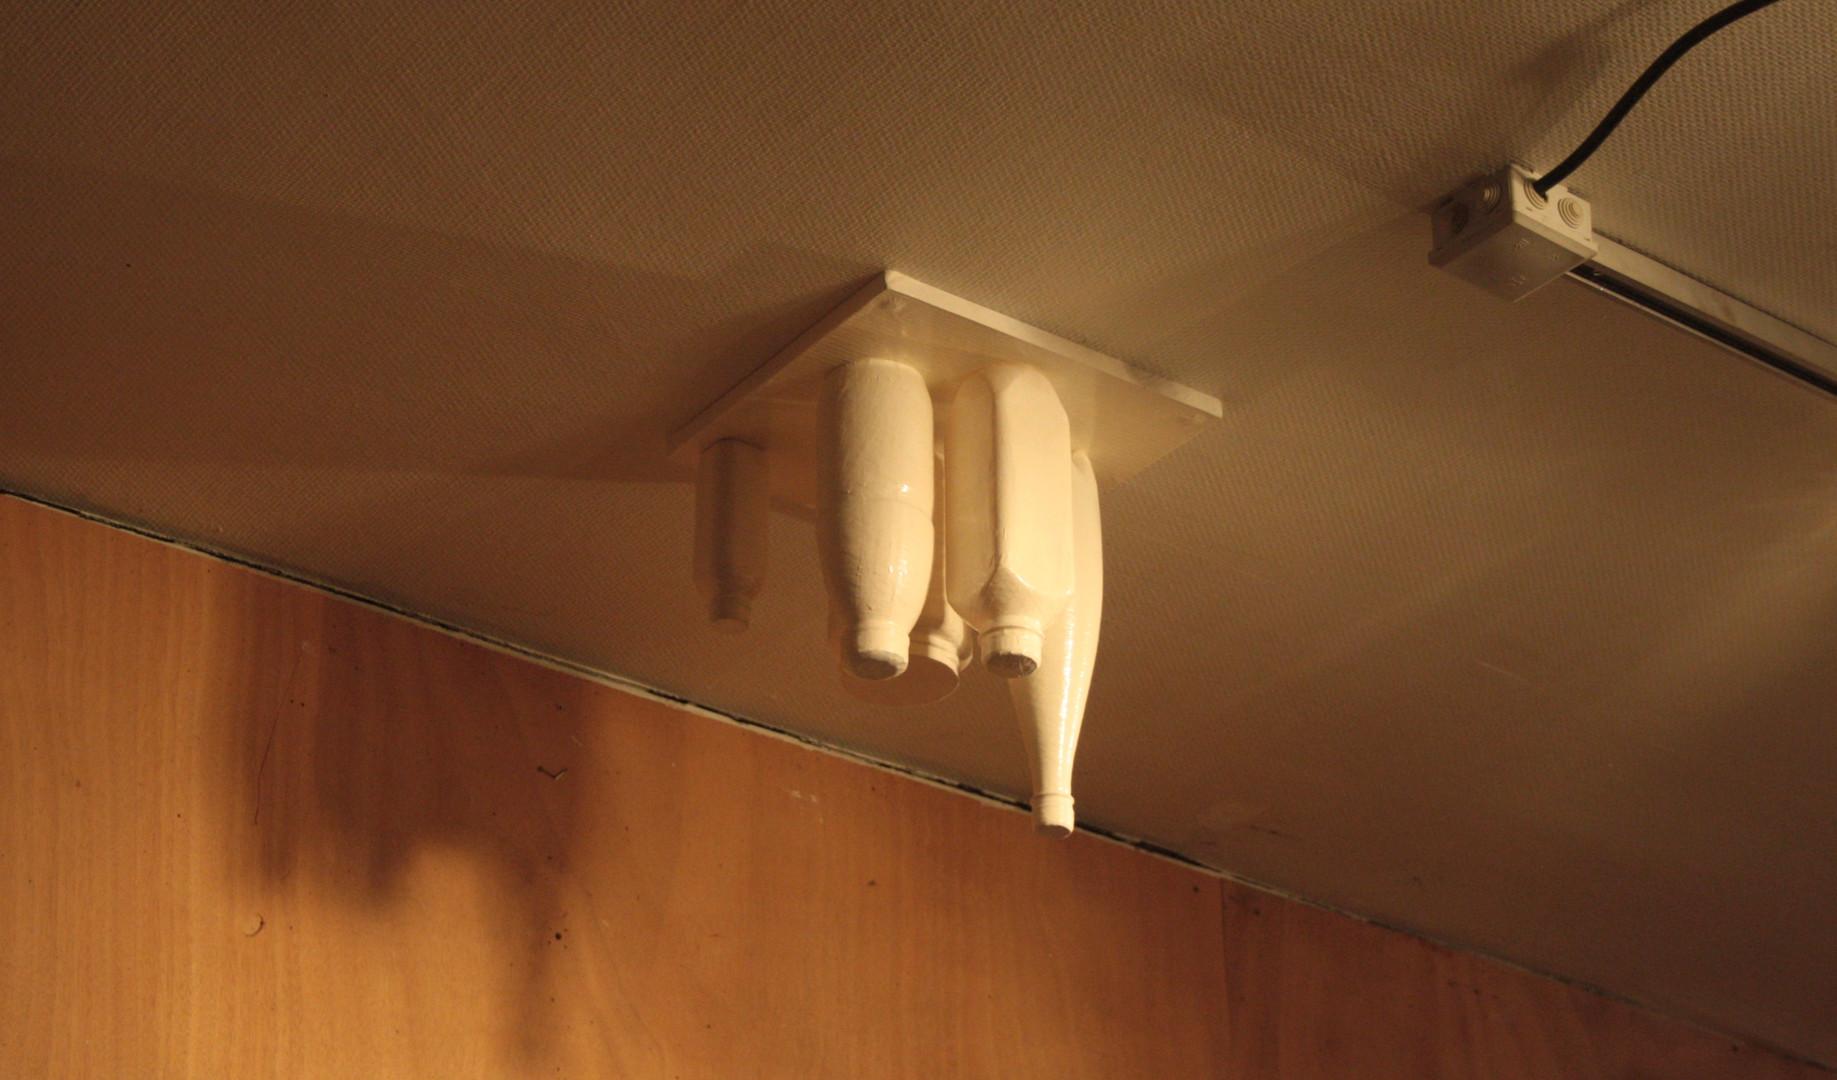 oggetti scocciati #1 (nature morte au plafond)